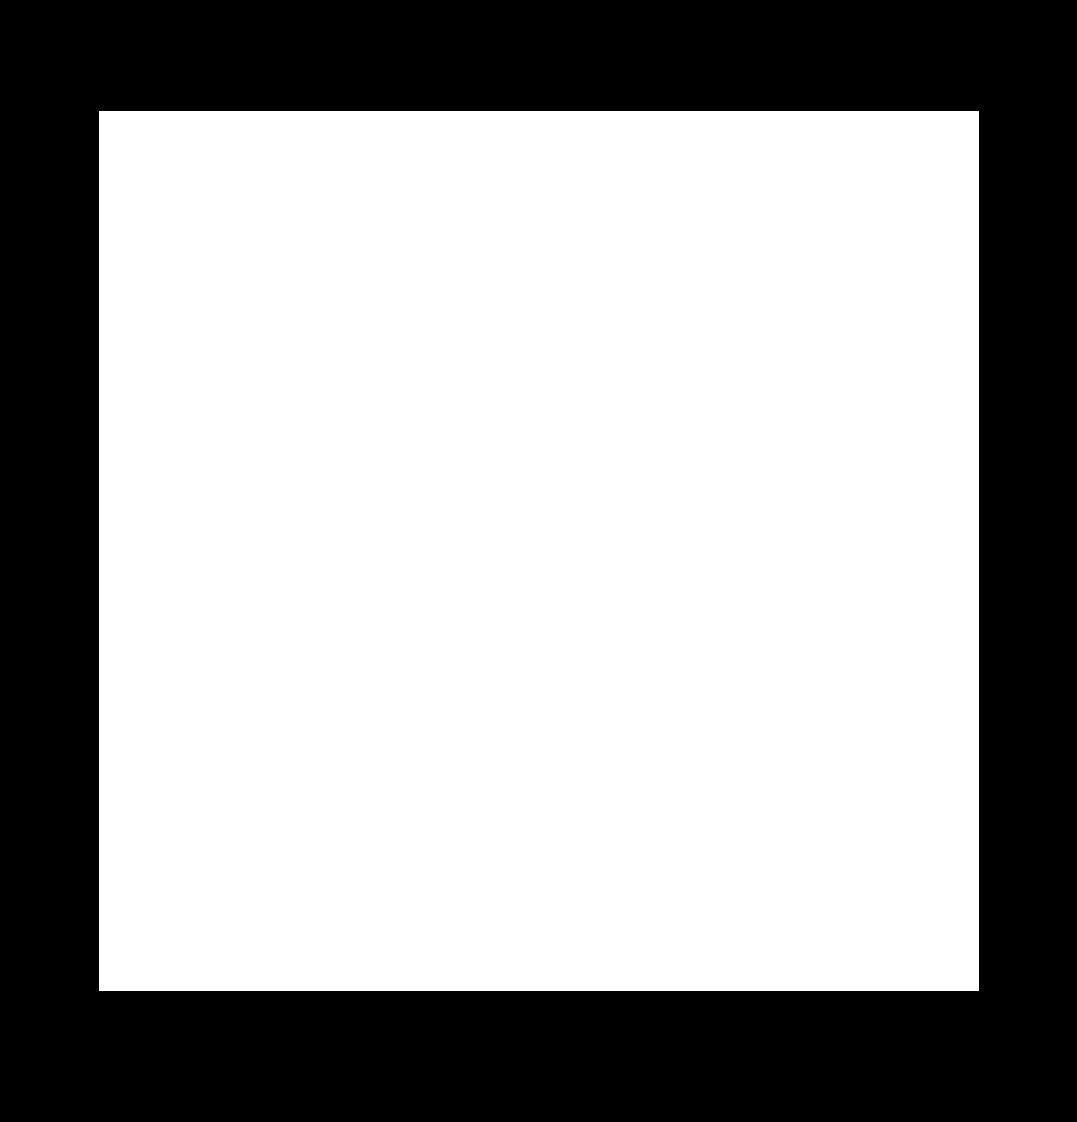 Gambar Segiempat 45x45